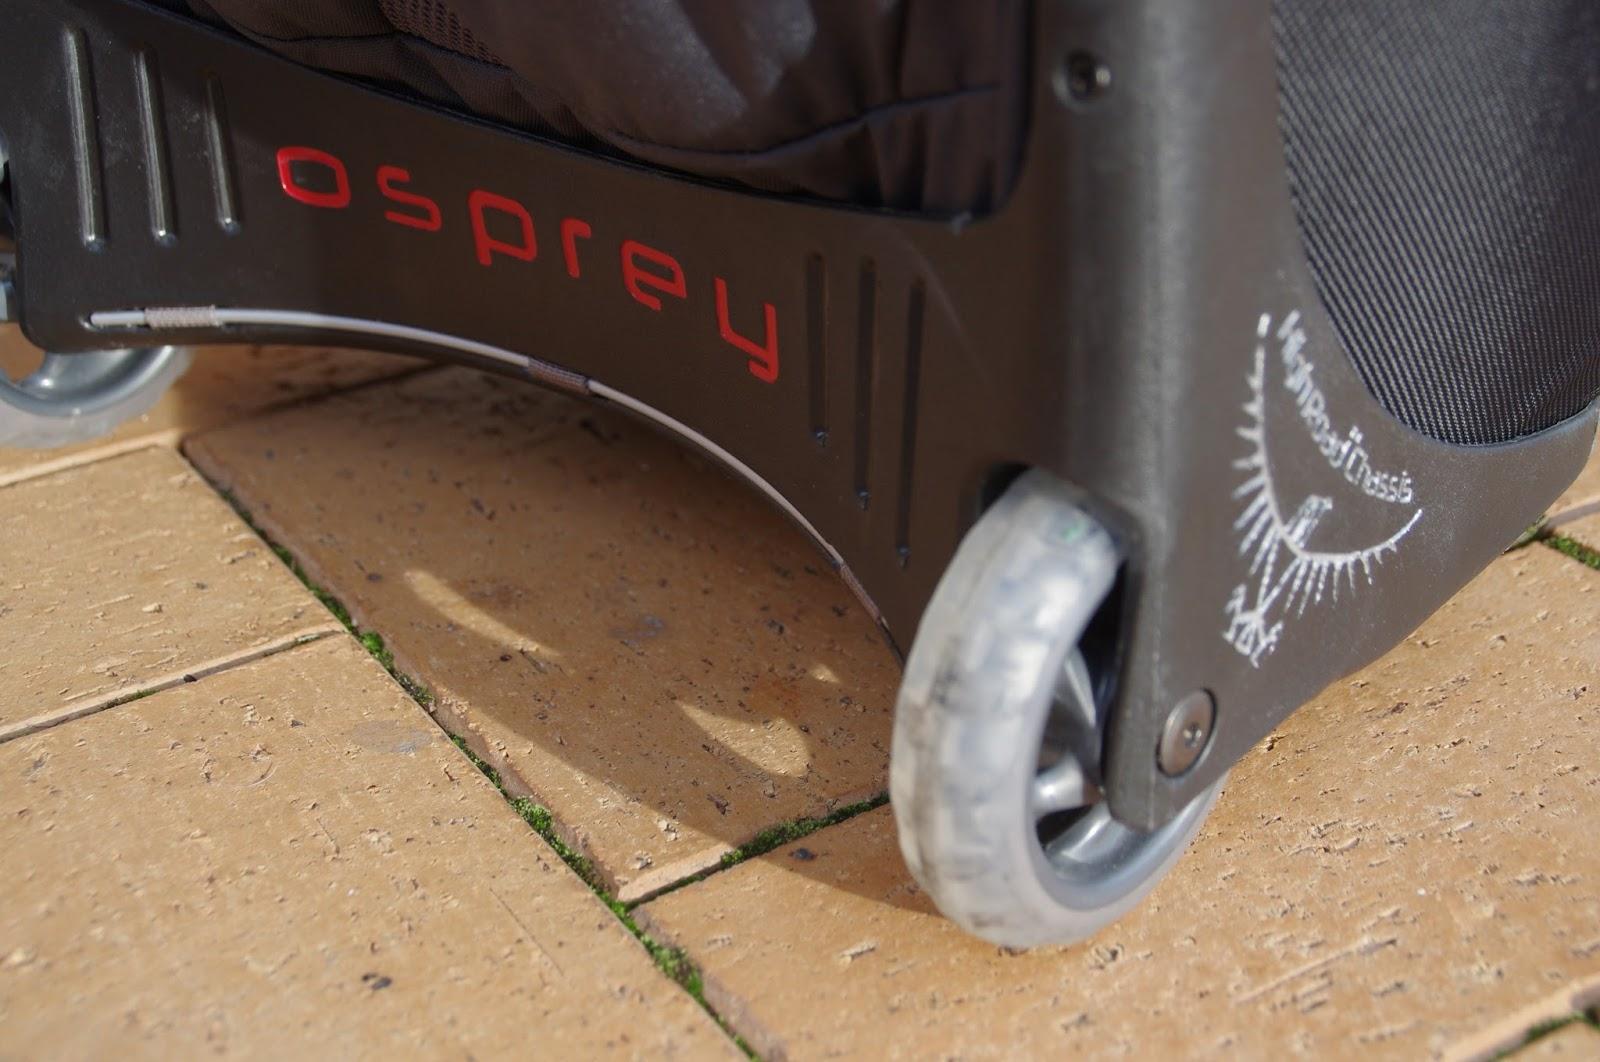 Osprey Meridian 75 Luggage wheels